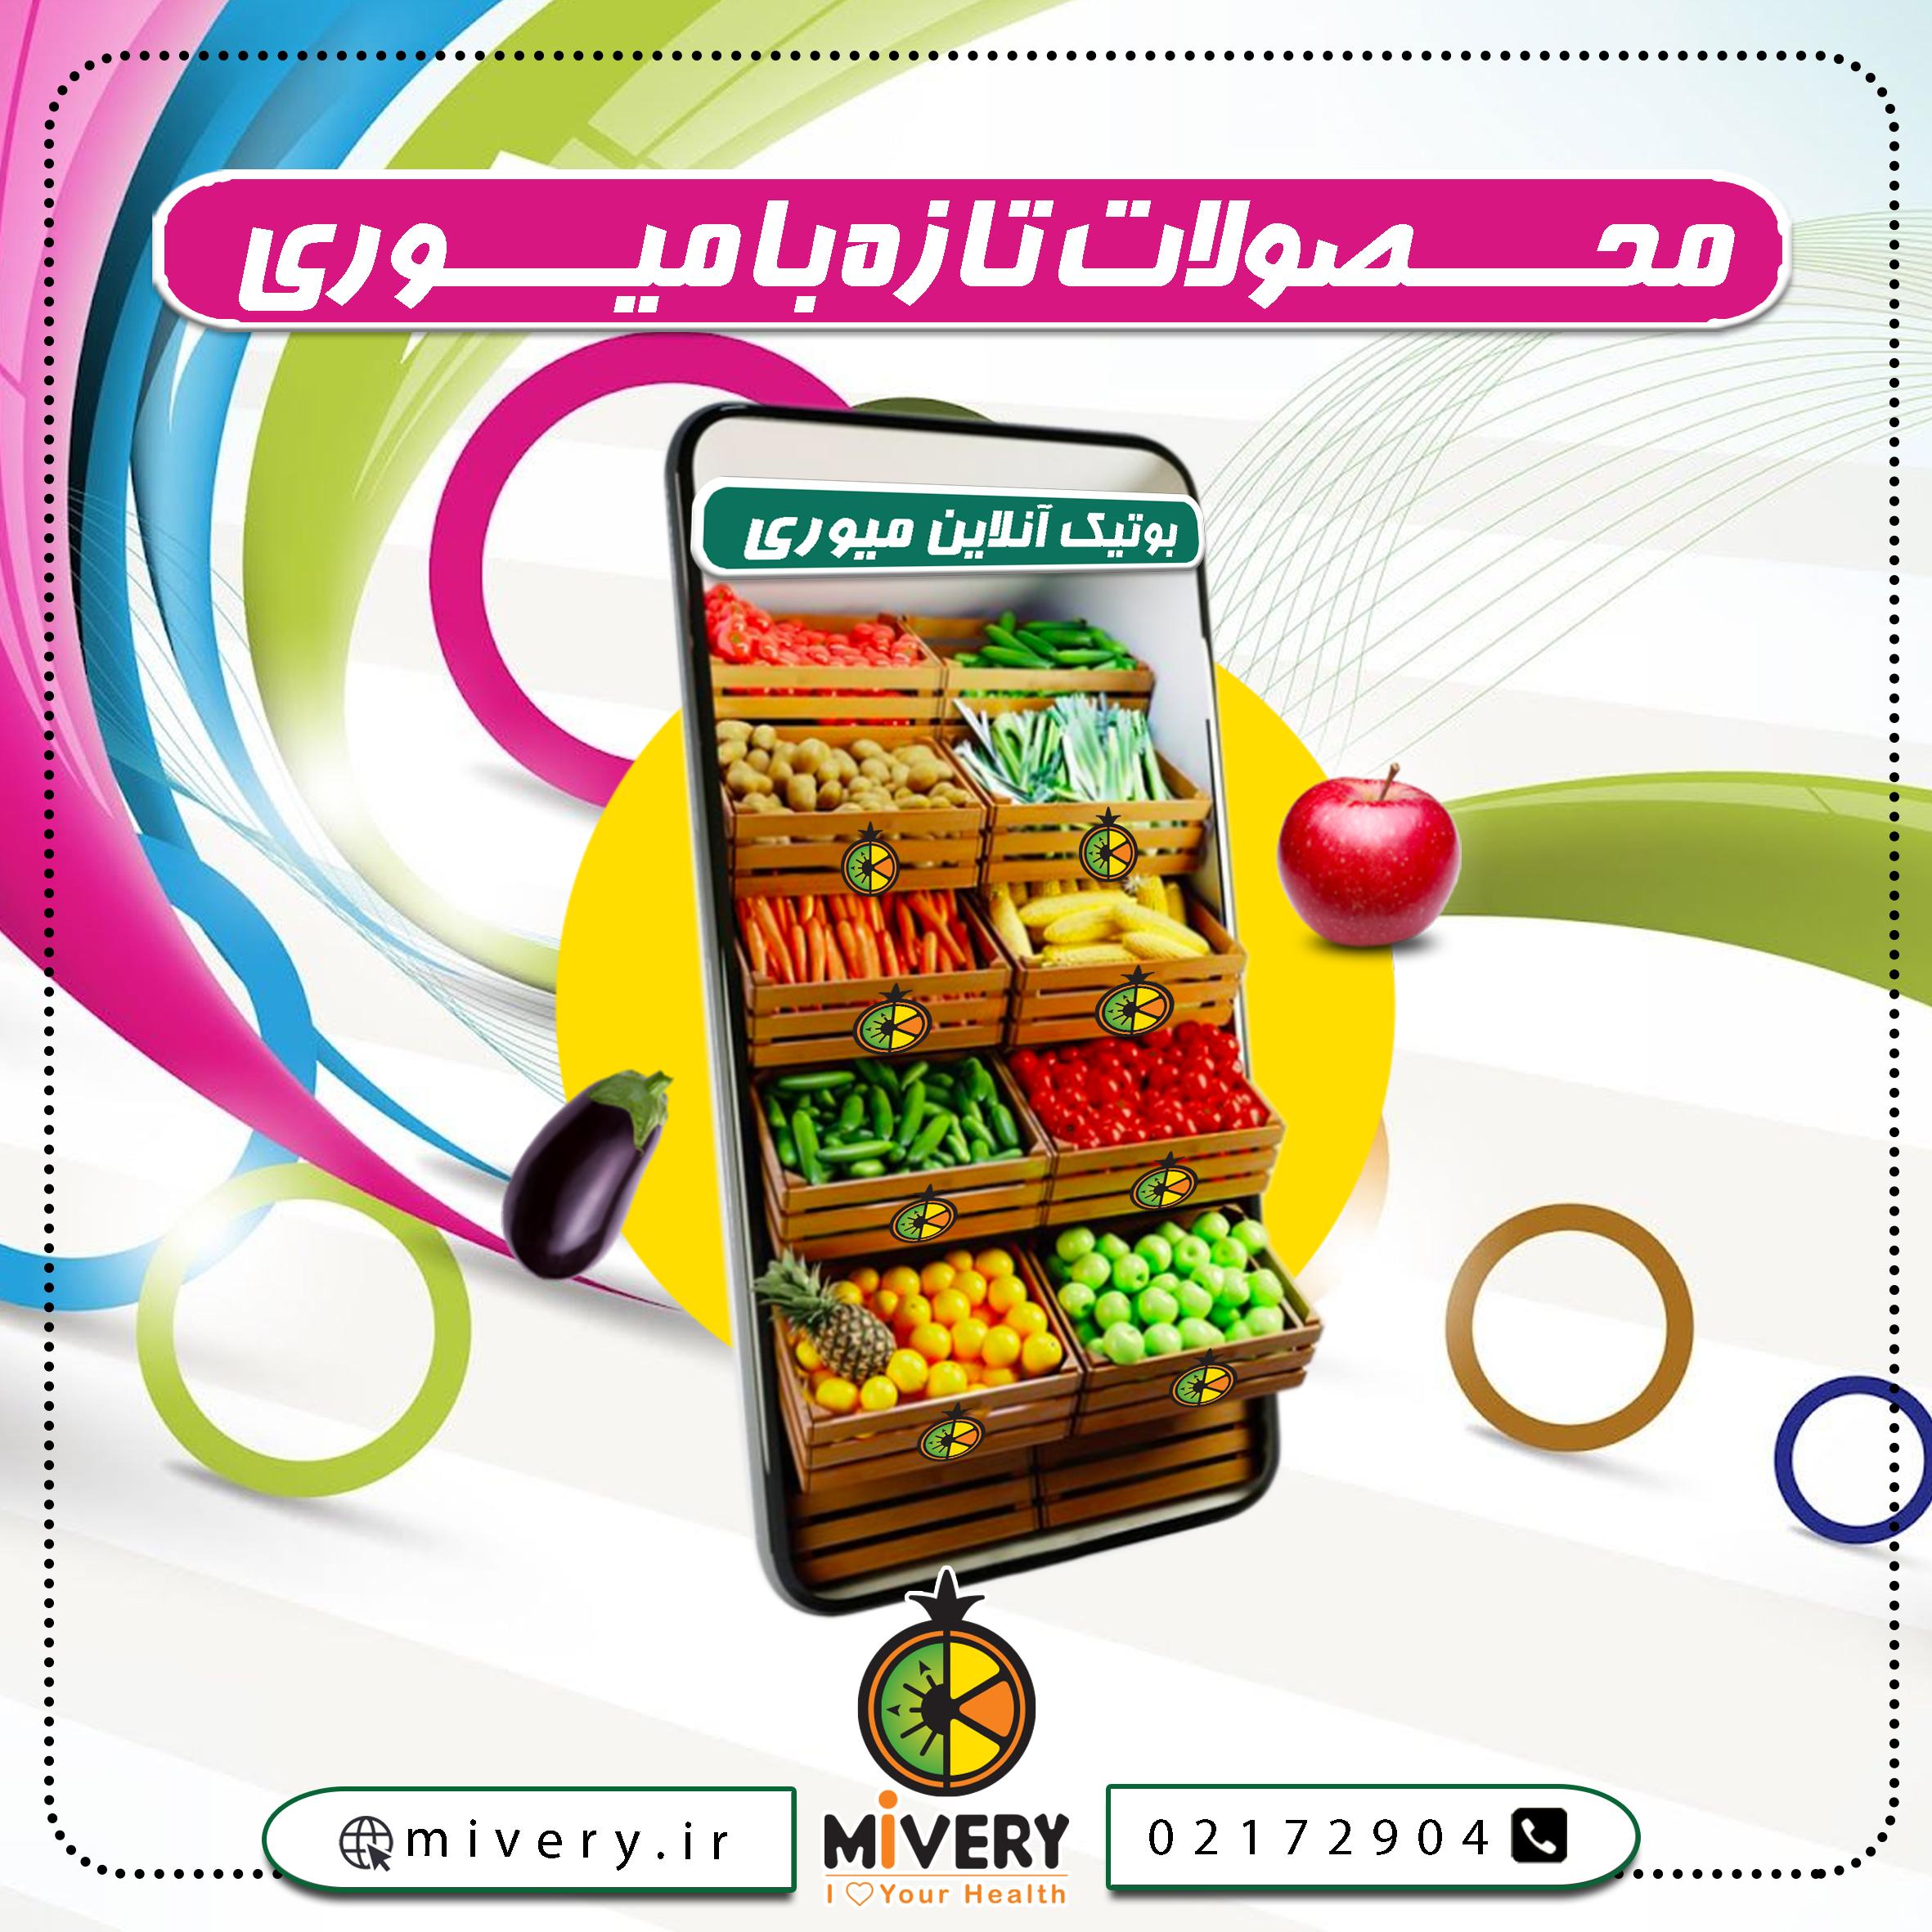 خرید آنلاین میوه. تازه